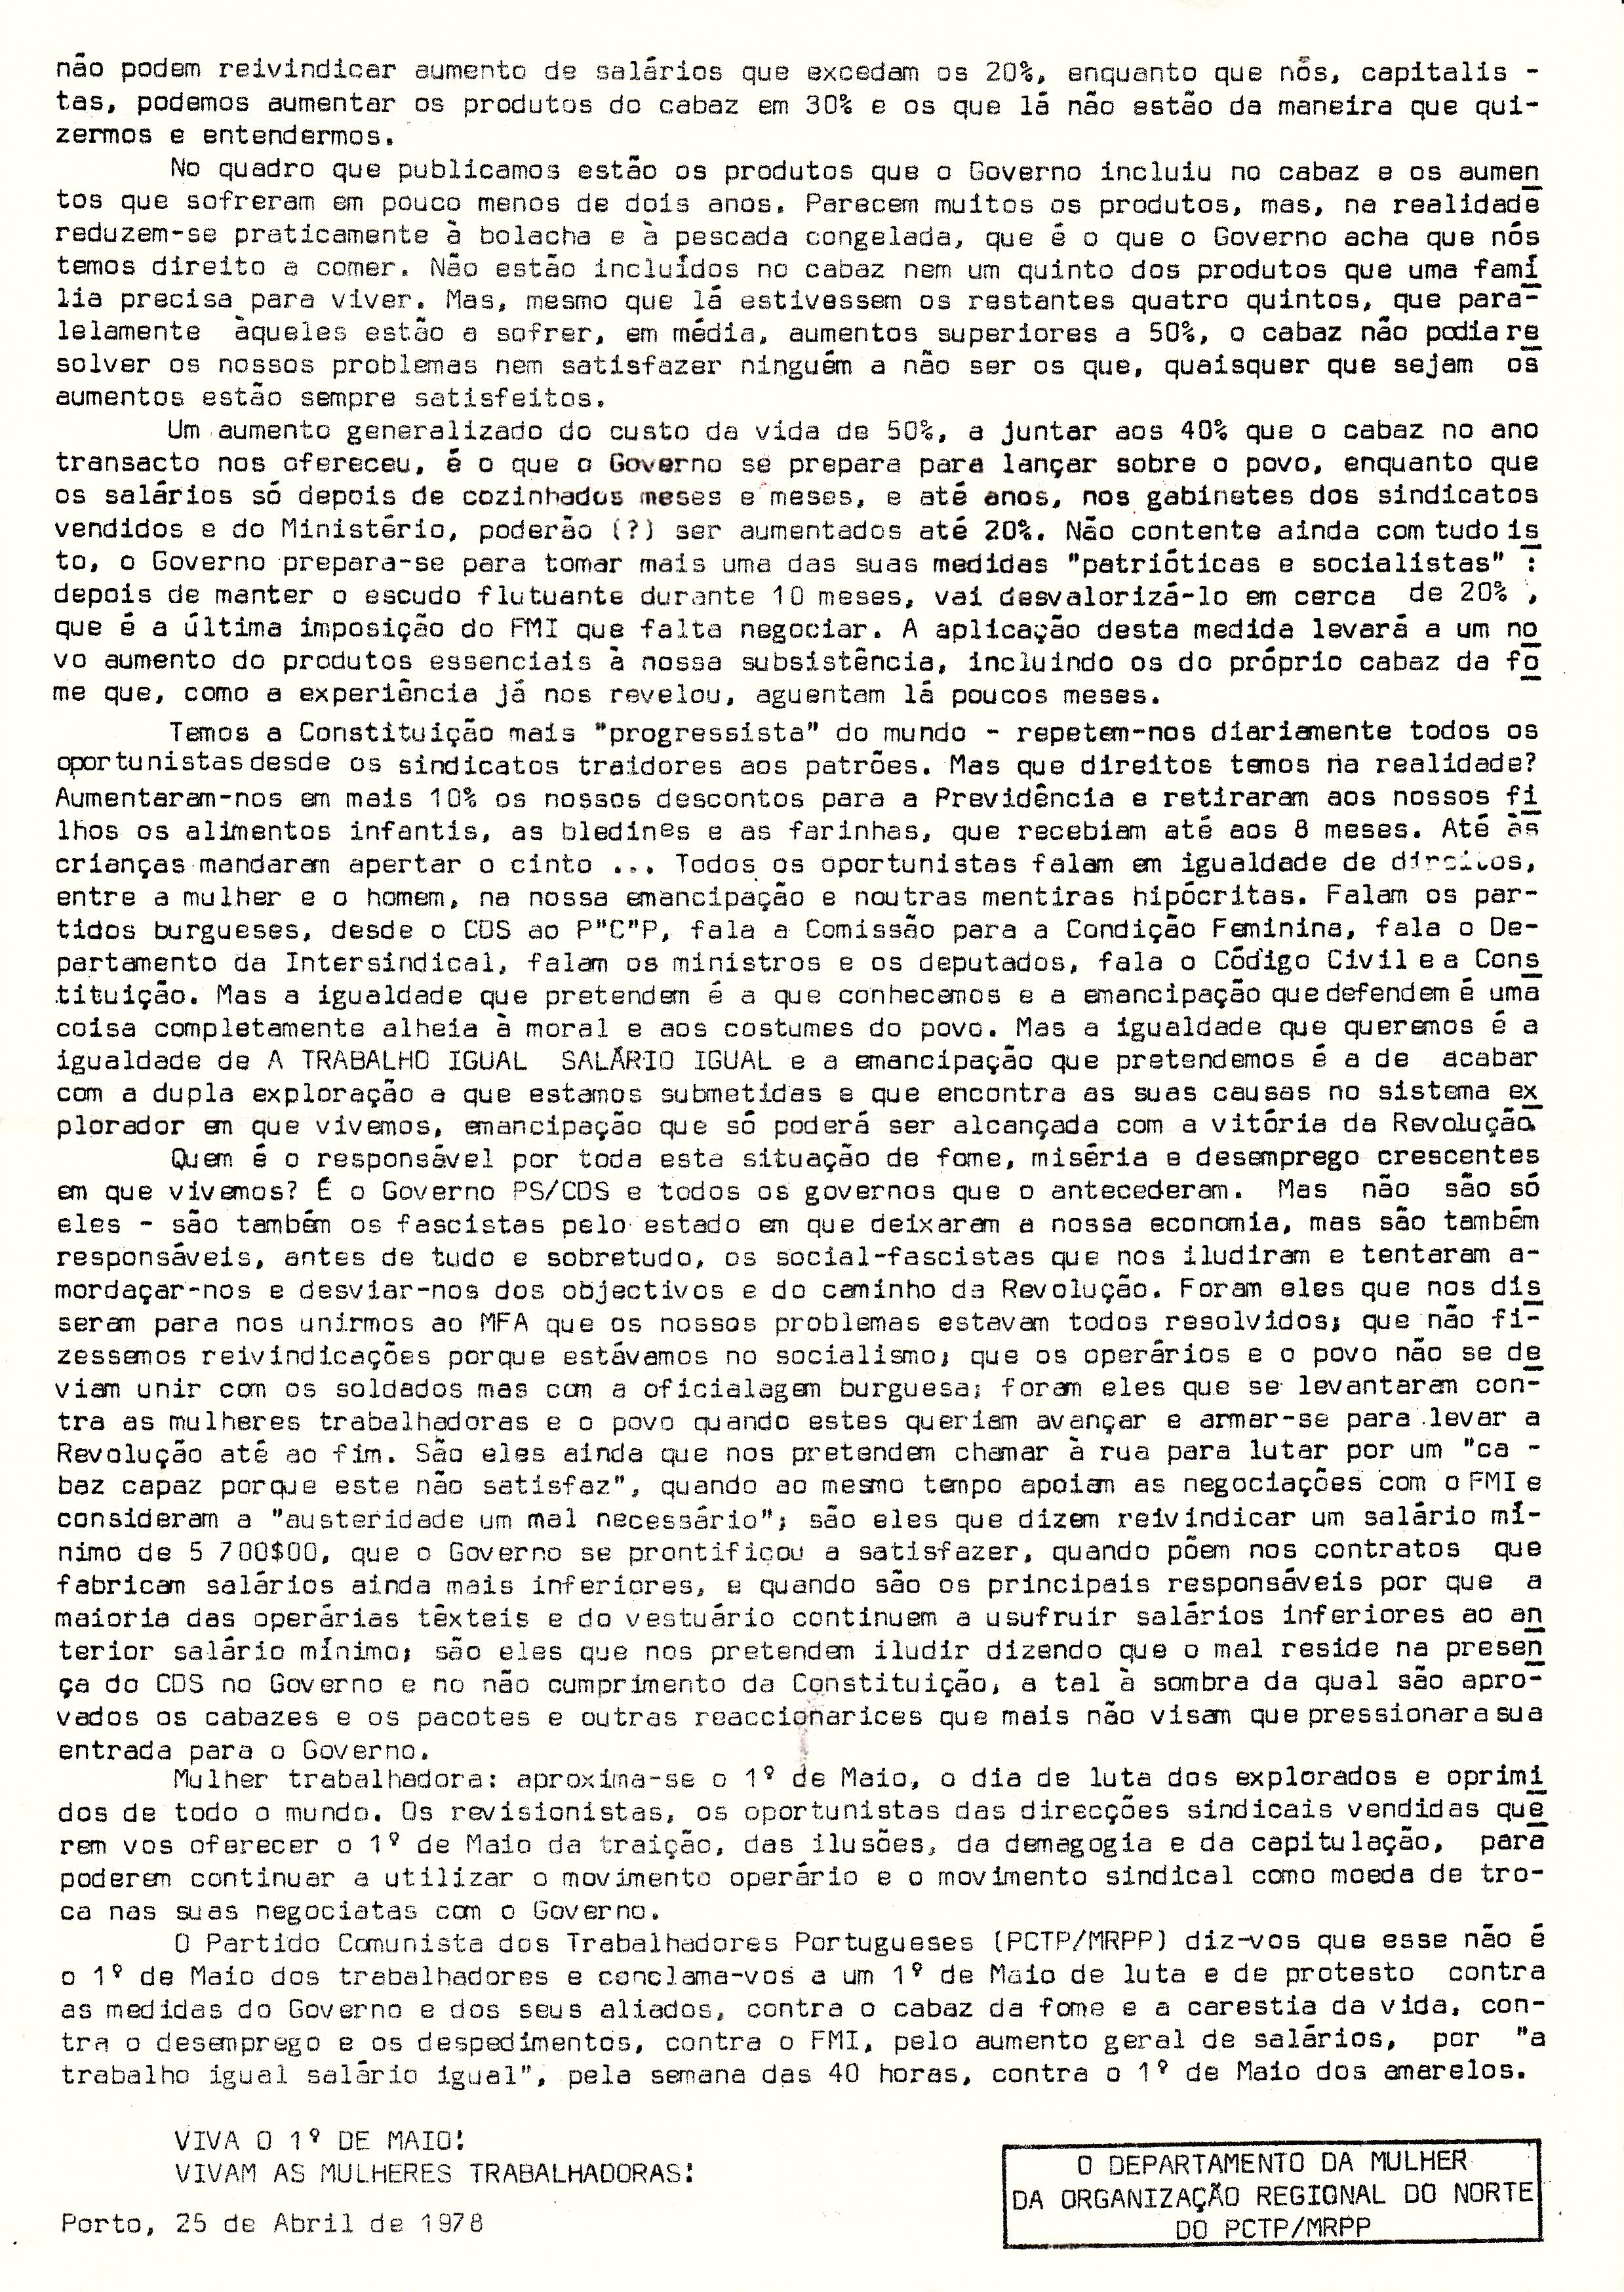 MRPP_1978_04_25_0002